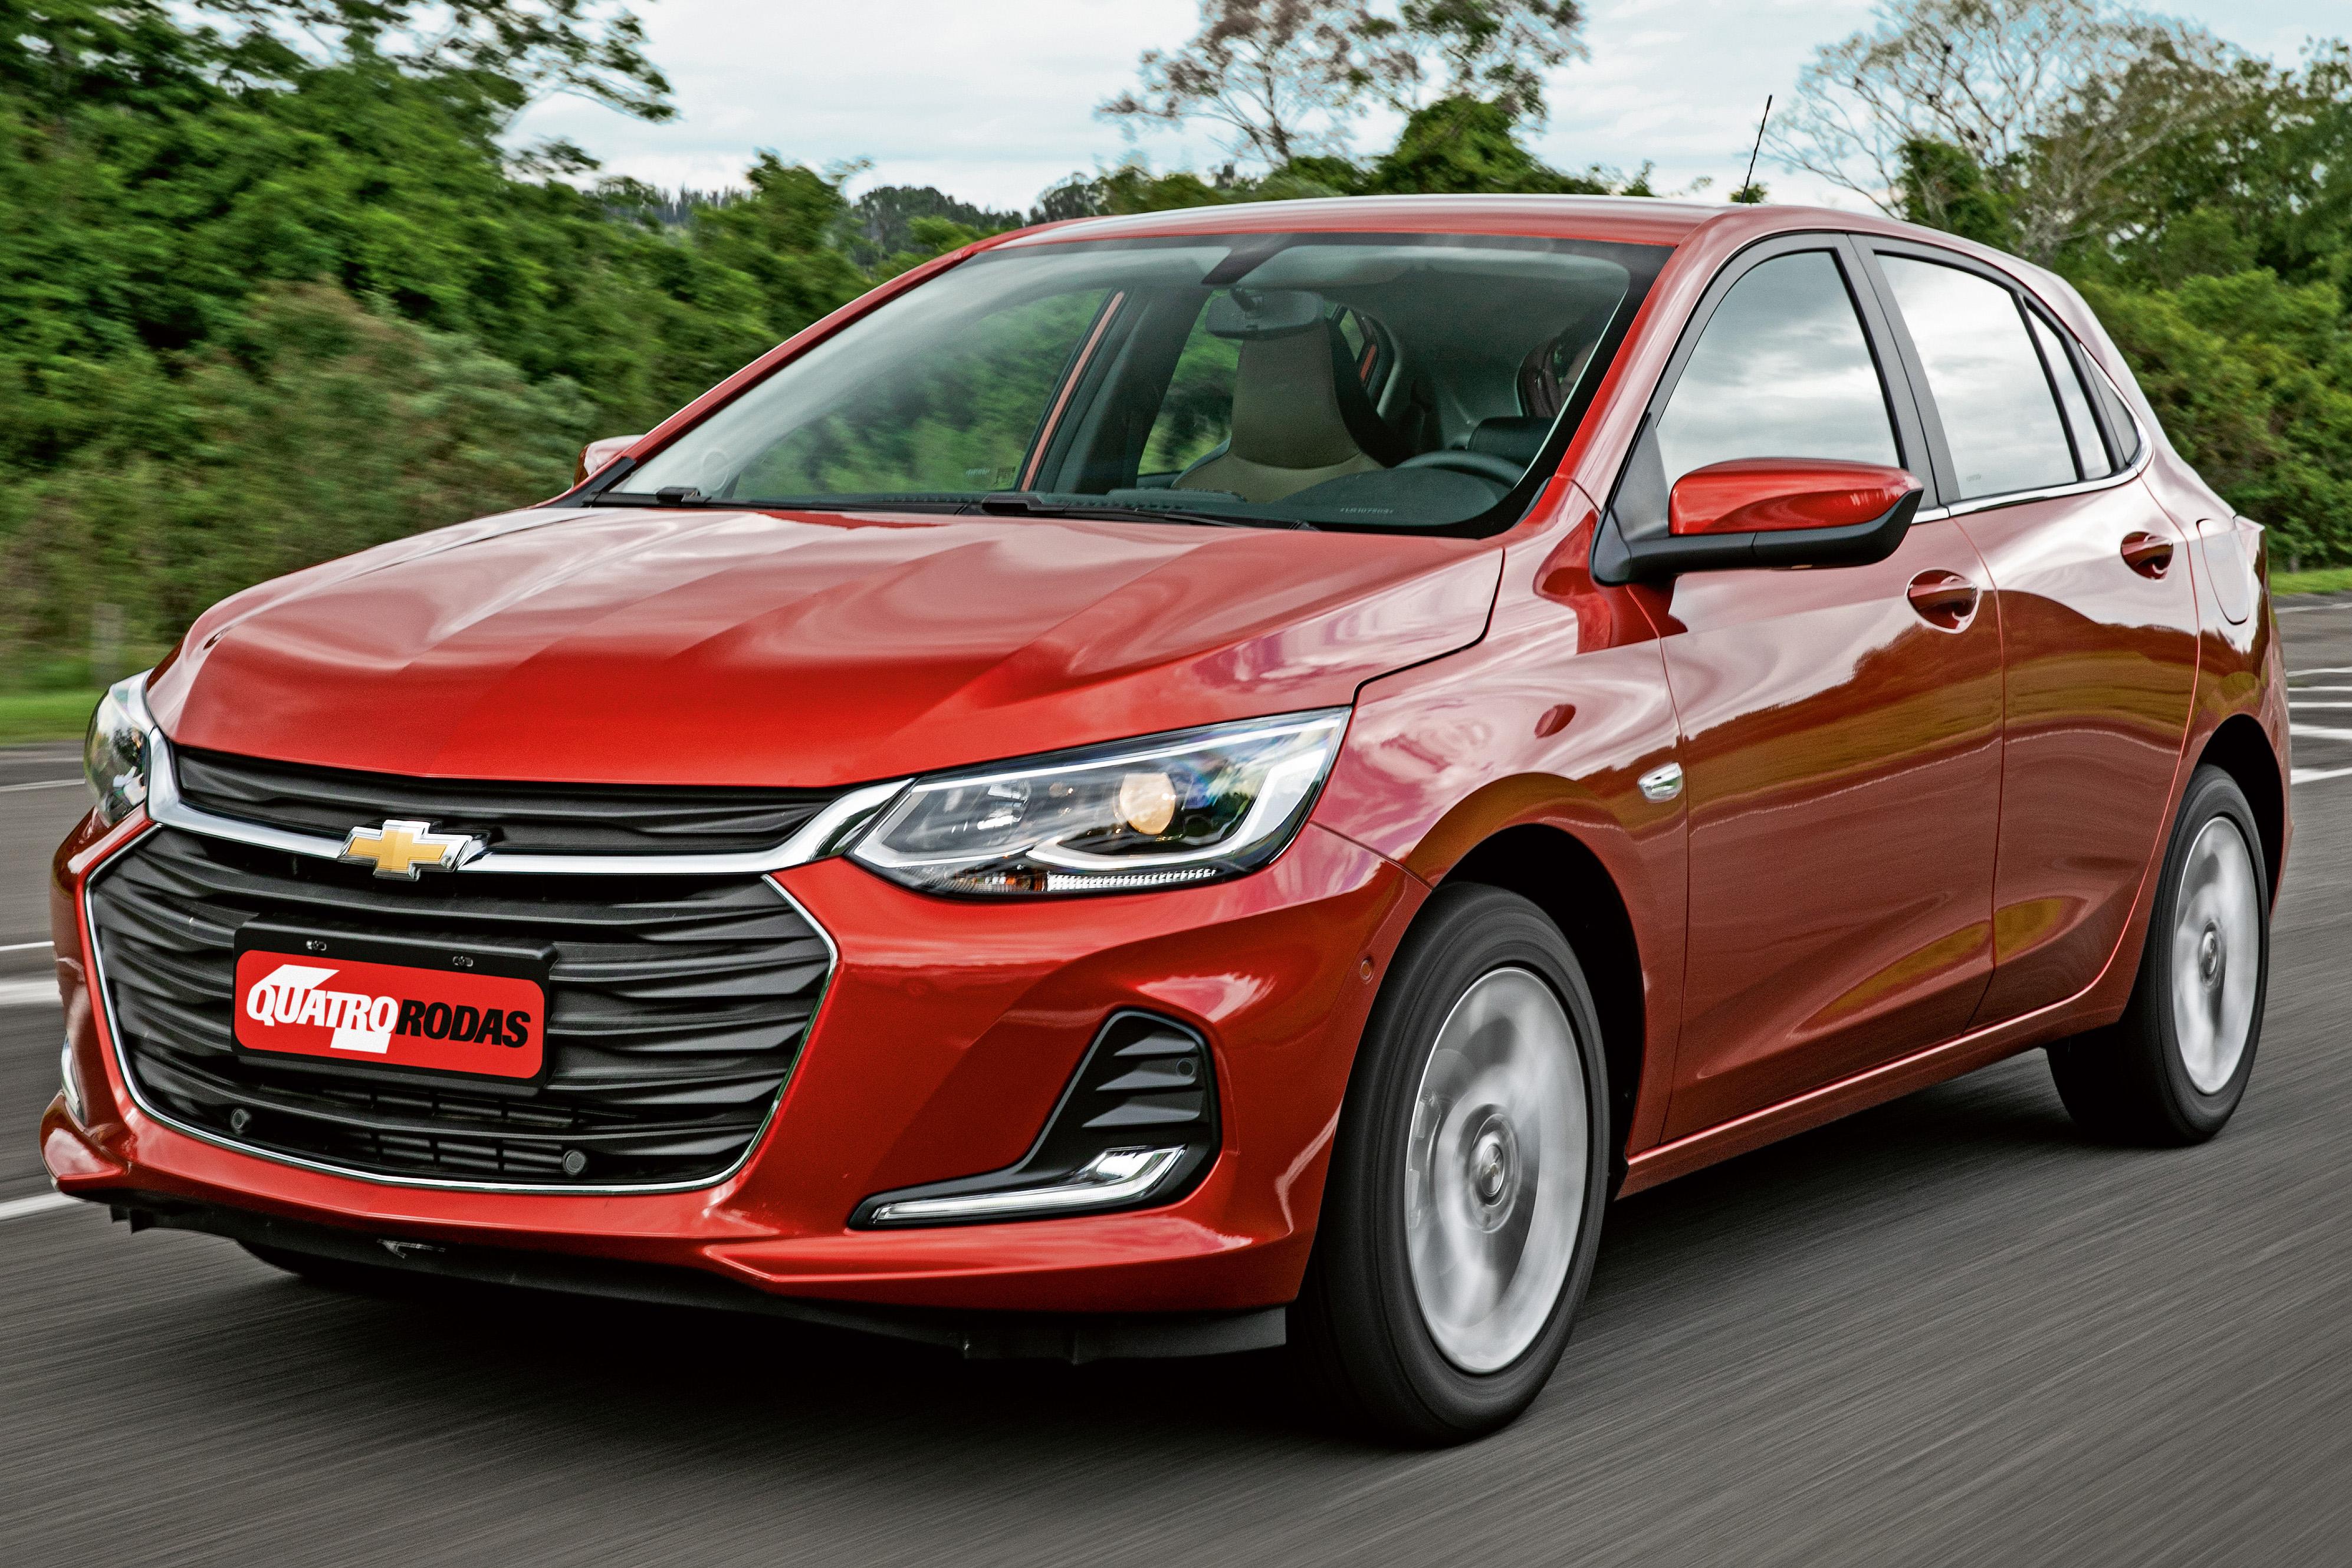 Teste Novo Chevrolet Onix E Mais Divertido So Que Menos Suave